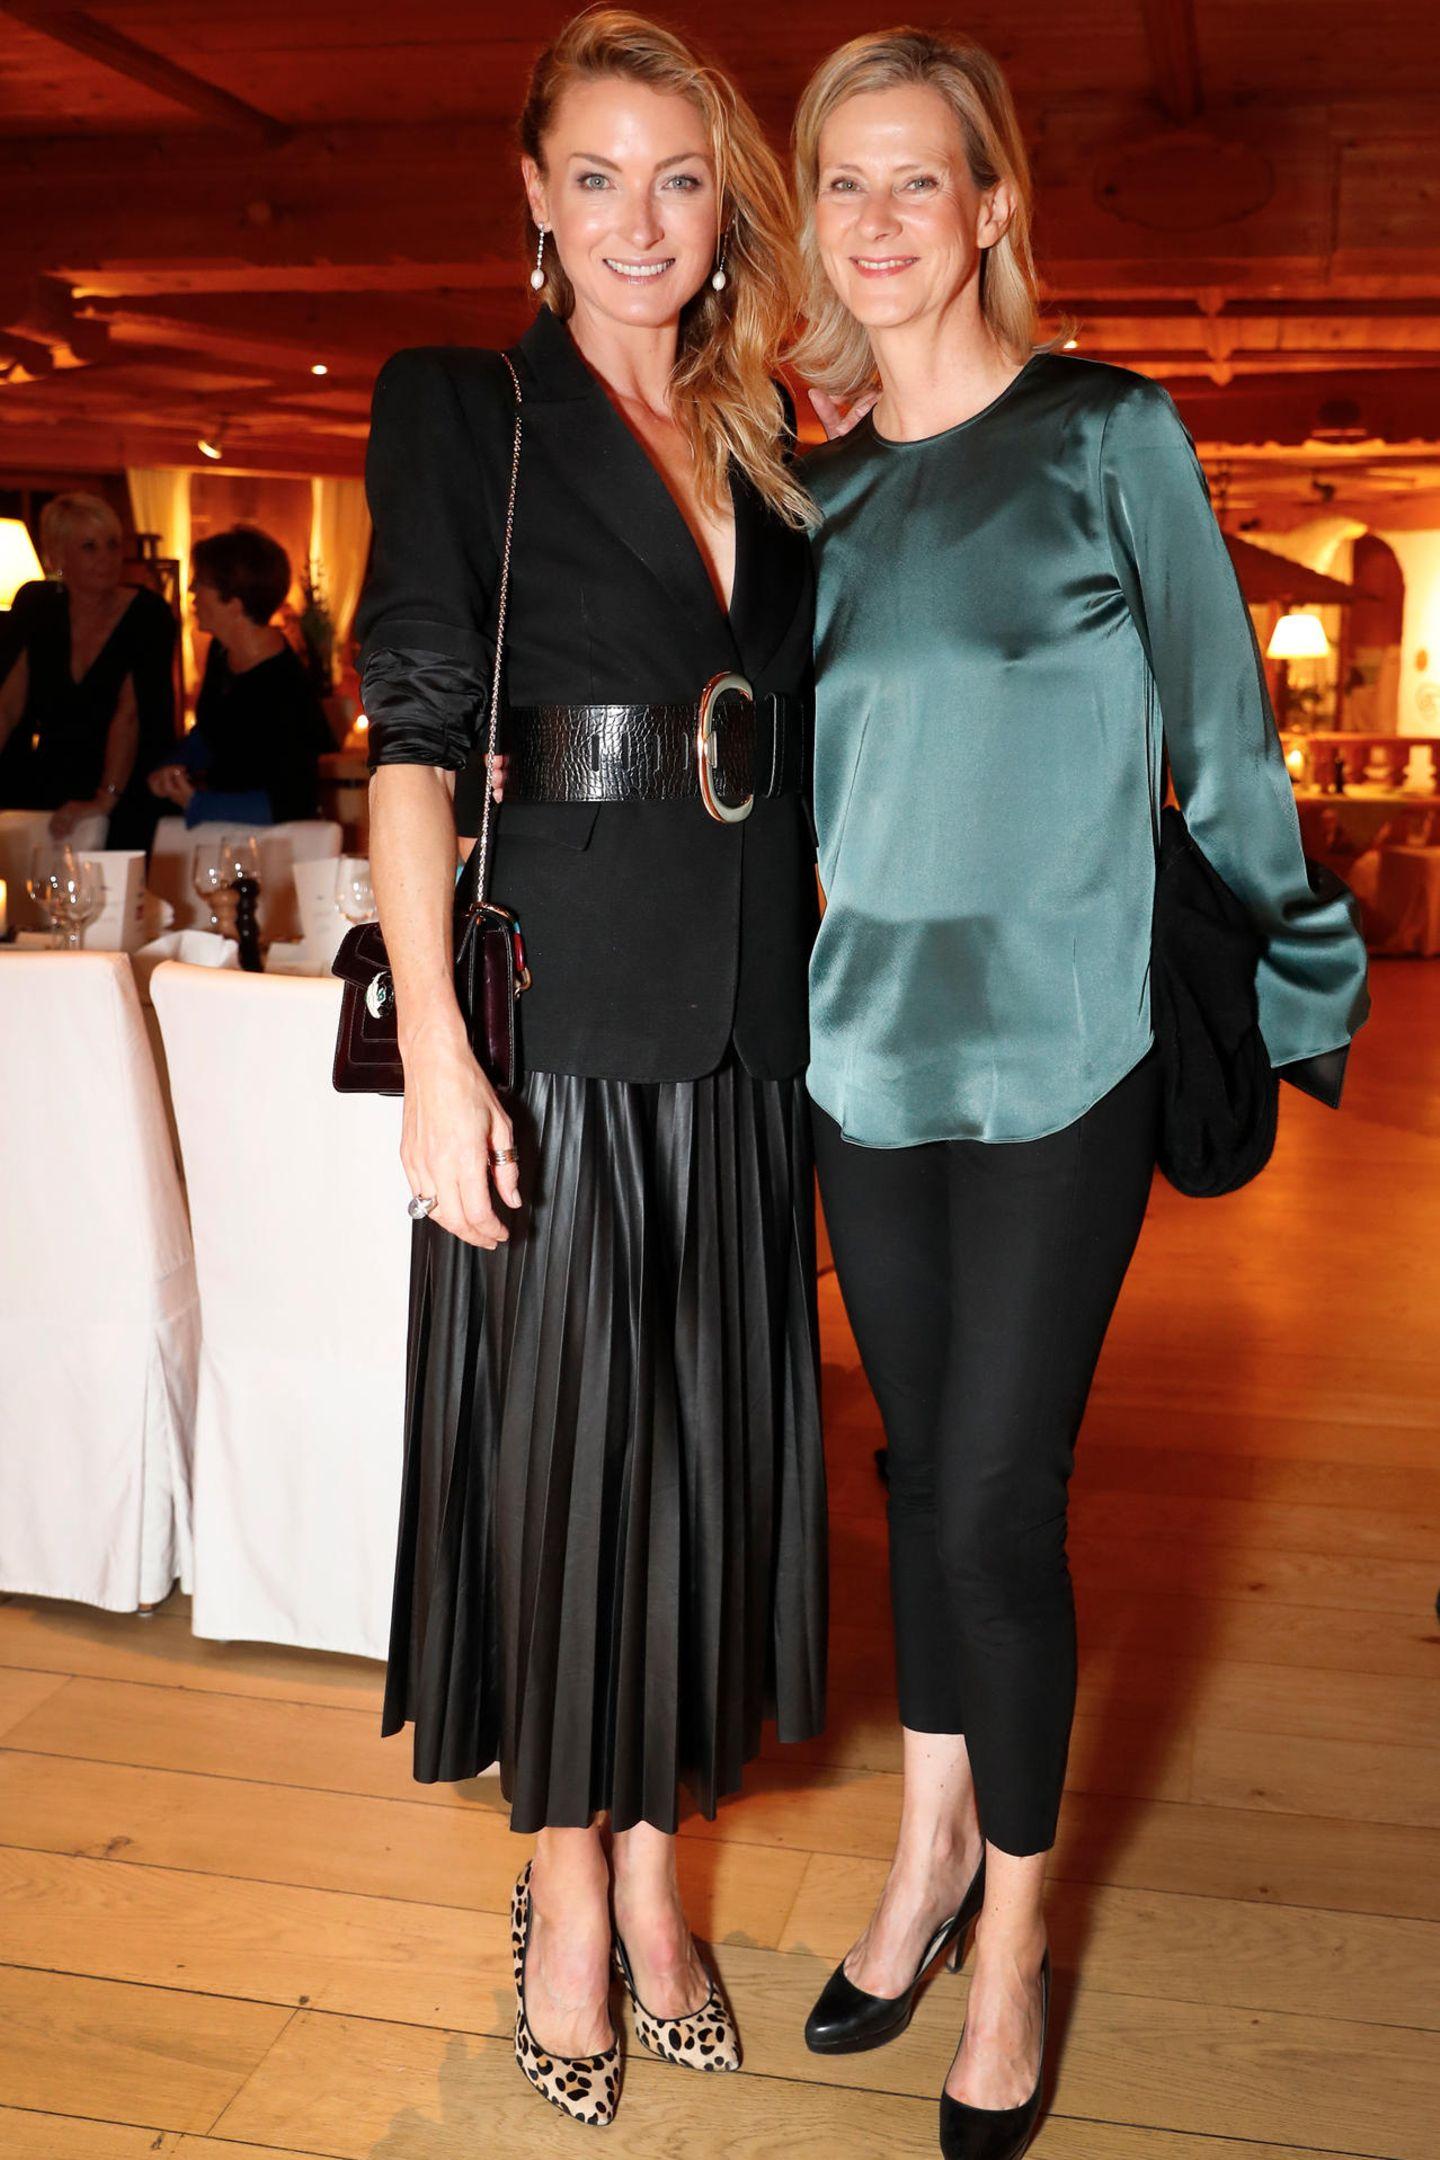 Lilly zu Sayn-Wittgenstein und Wybcke Meier (TUI Cruises) haben sich für das Dinner im Kaminbistro in Schale geworfen.